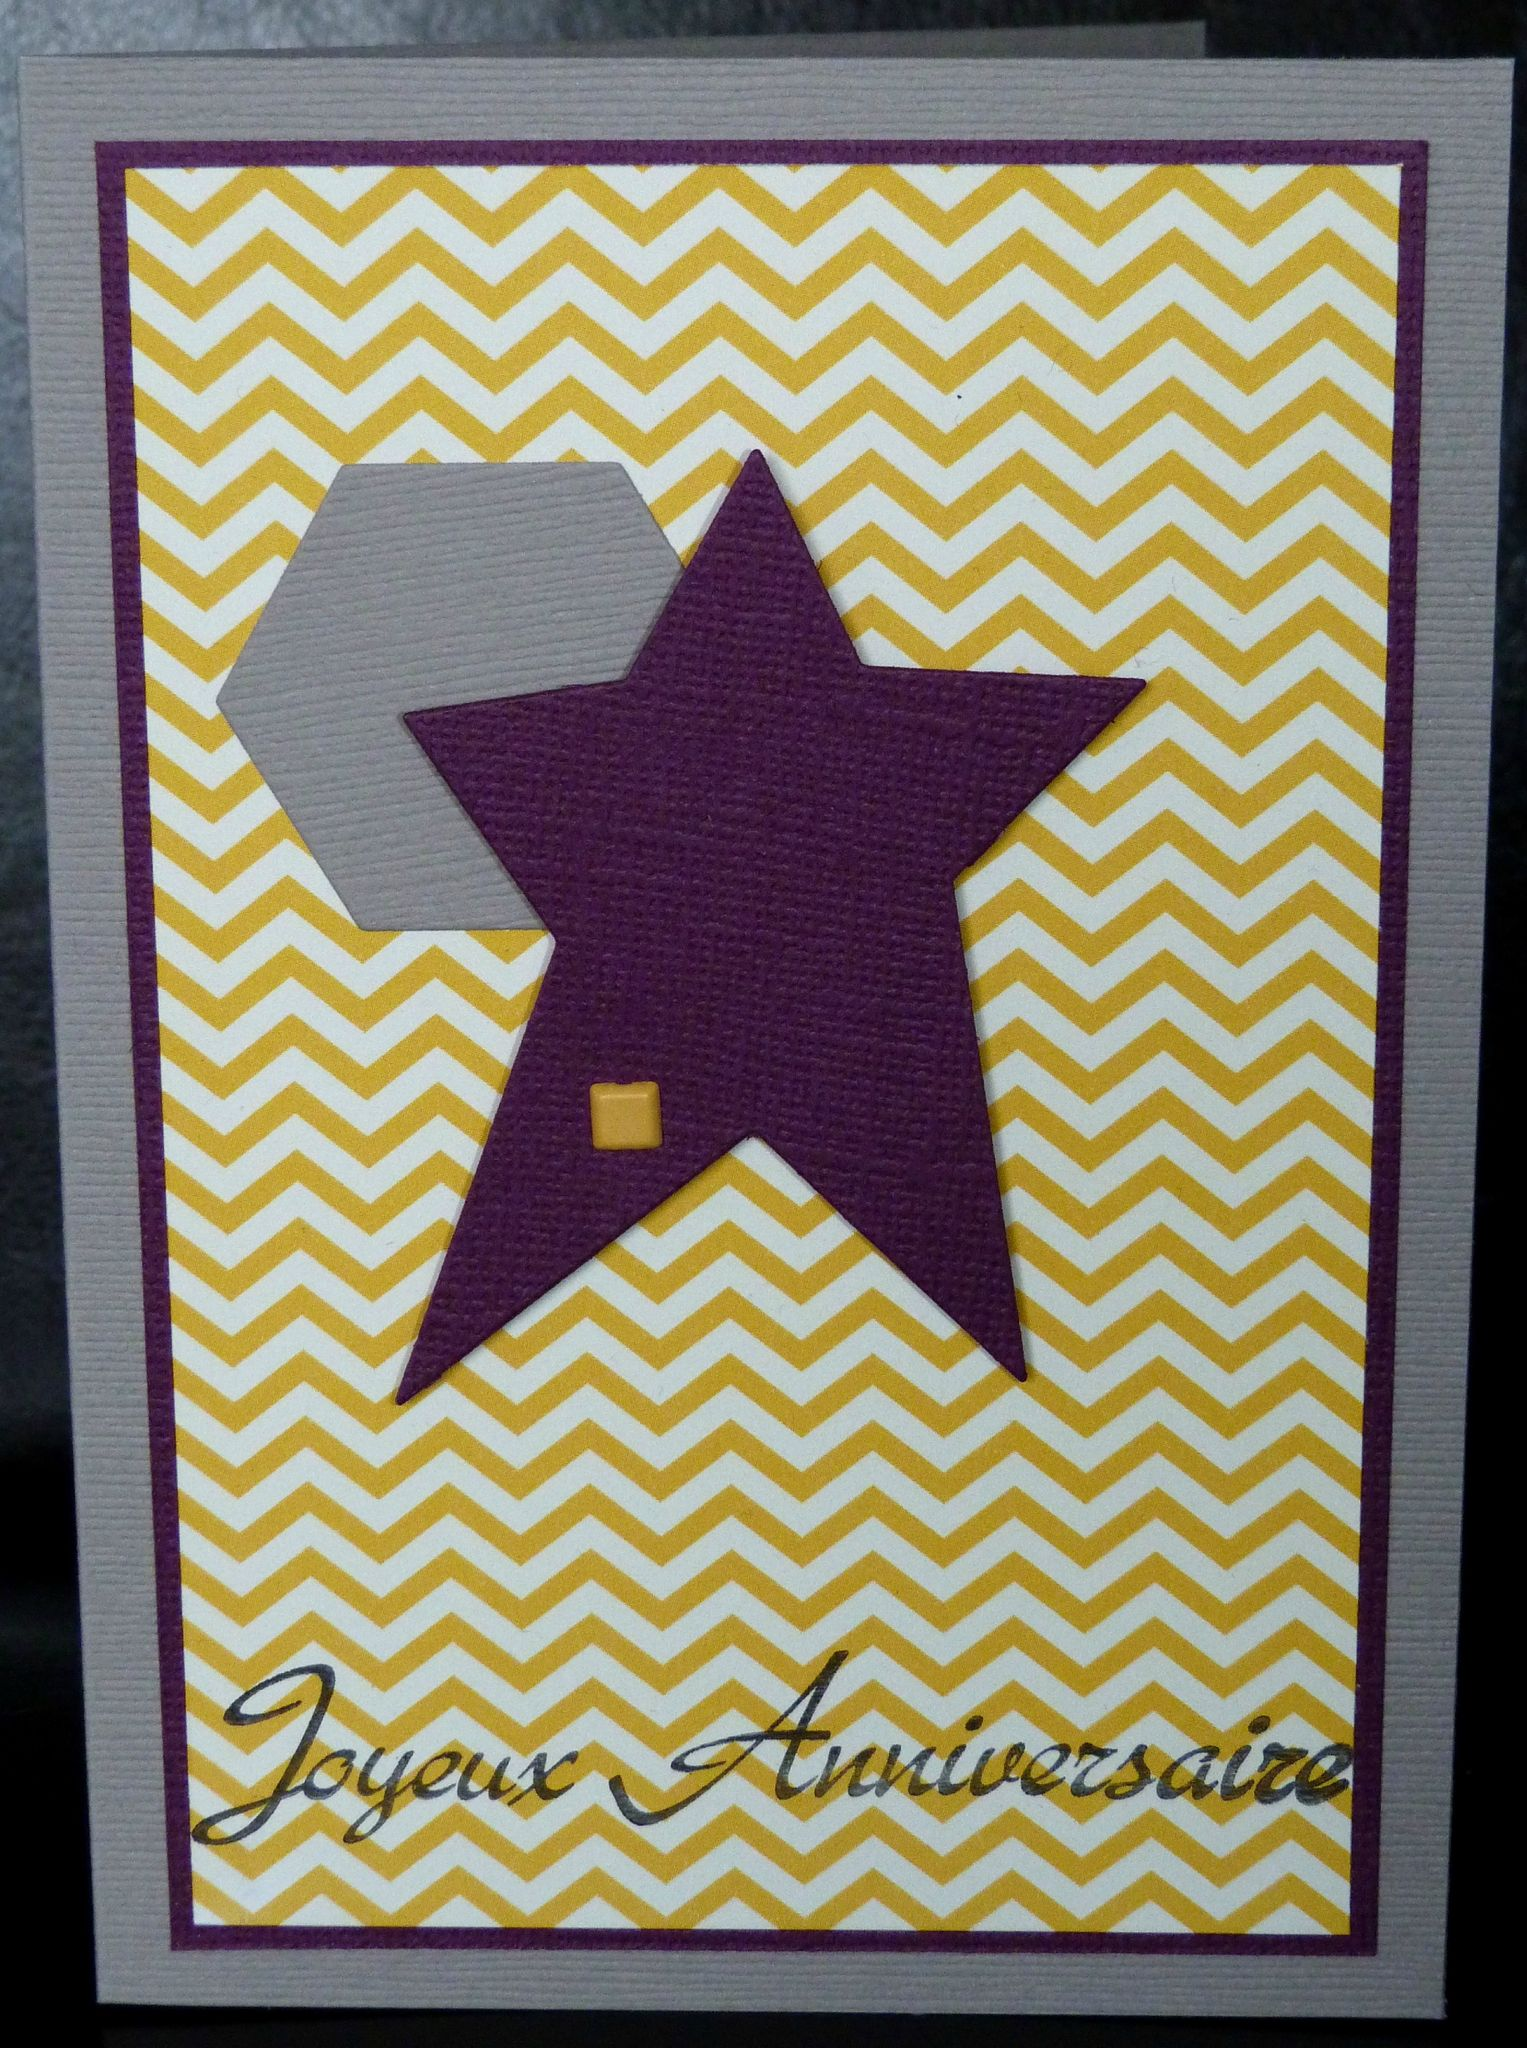 20. greige, jaune et violet - chevrons, hexagone et étoile